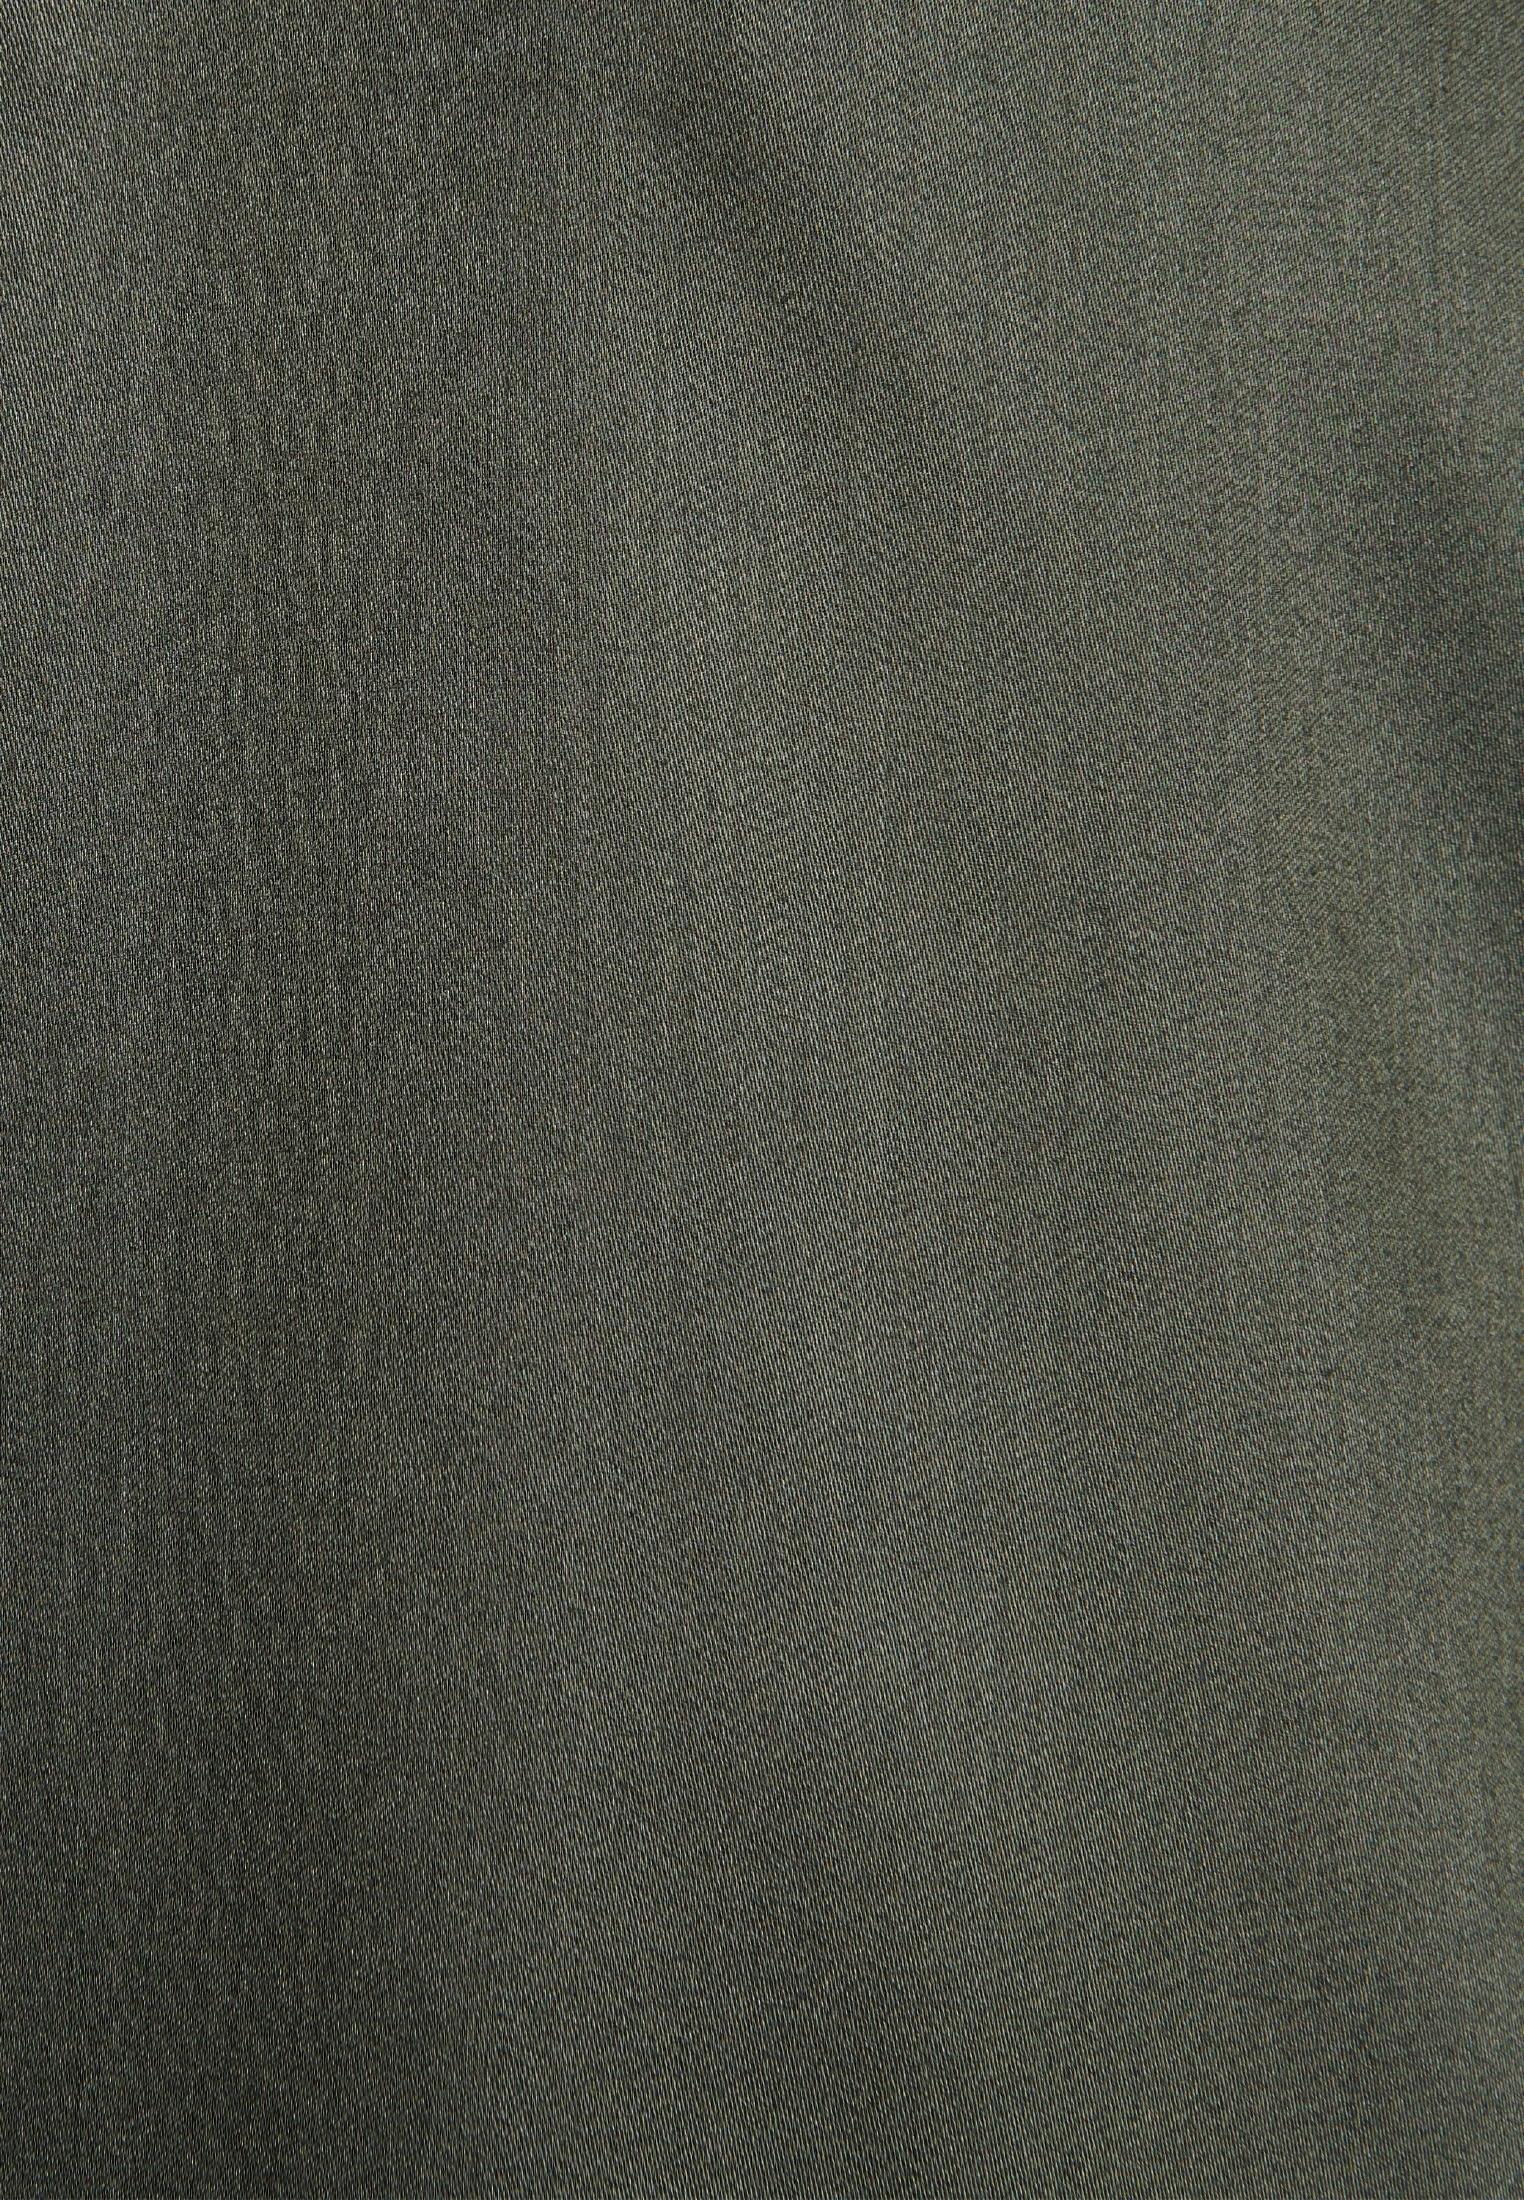 Satin Schlupfbluse aus 100% Viskose in Grün |  Seidensticker Onlineshop